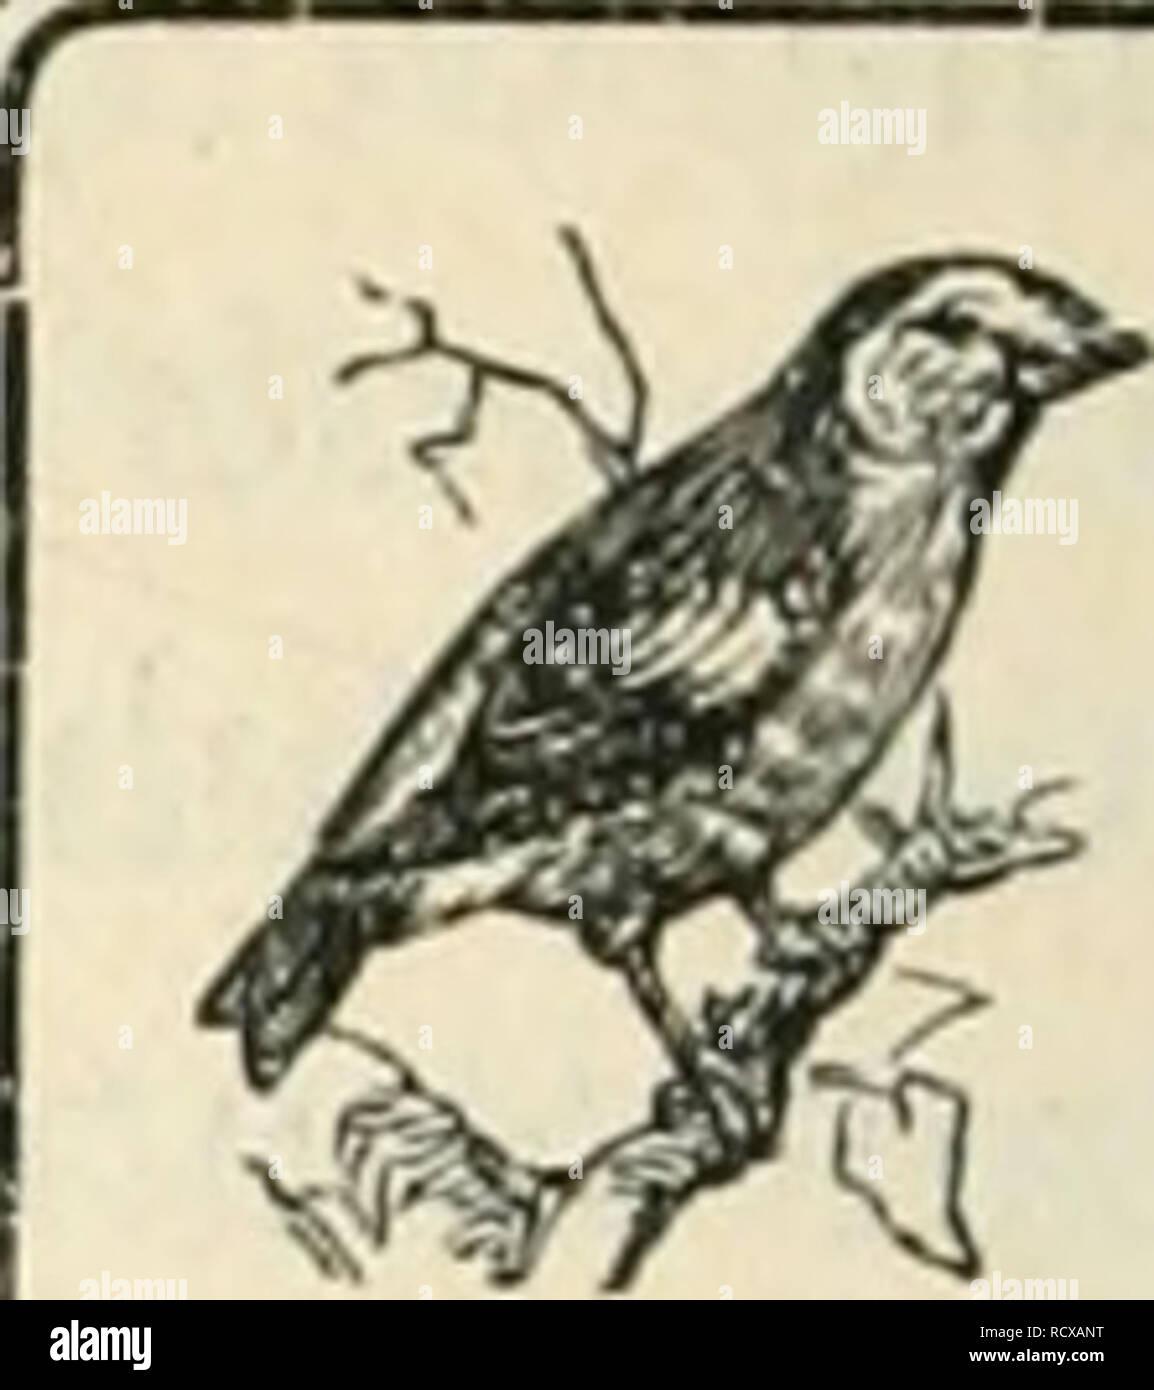 . Der Ornithologische Beobachter. Birds; Birds. Vogelschutz. Protection des oiseaux.. Zur Abnahme der Störche in der Schweiz. Von Dr. //. Fischer-Si)/wart. Unsern Störchen droht ein neues Unheil durch die Aviatik. Als der Aviatiker Favre in Zofingen seine Flugübungen machte, flog er auch in der Nähe von Brittnau vorbei. Das Storchen- paar dieser ältesten mir bekannten Storchenstation hatte schon seit einiger Zeit von seinem Neste Besitz genommen, kam aber beim Vorbeifliegen dieses rasselnden Riesenvogels in Aengste und beide Störche flogen hoch auf und verschwanden. Nach etwa 14 Tagen ka - Stock Image